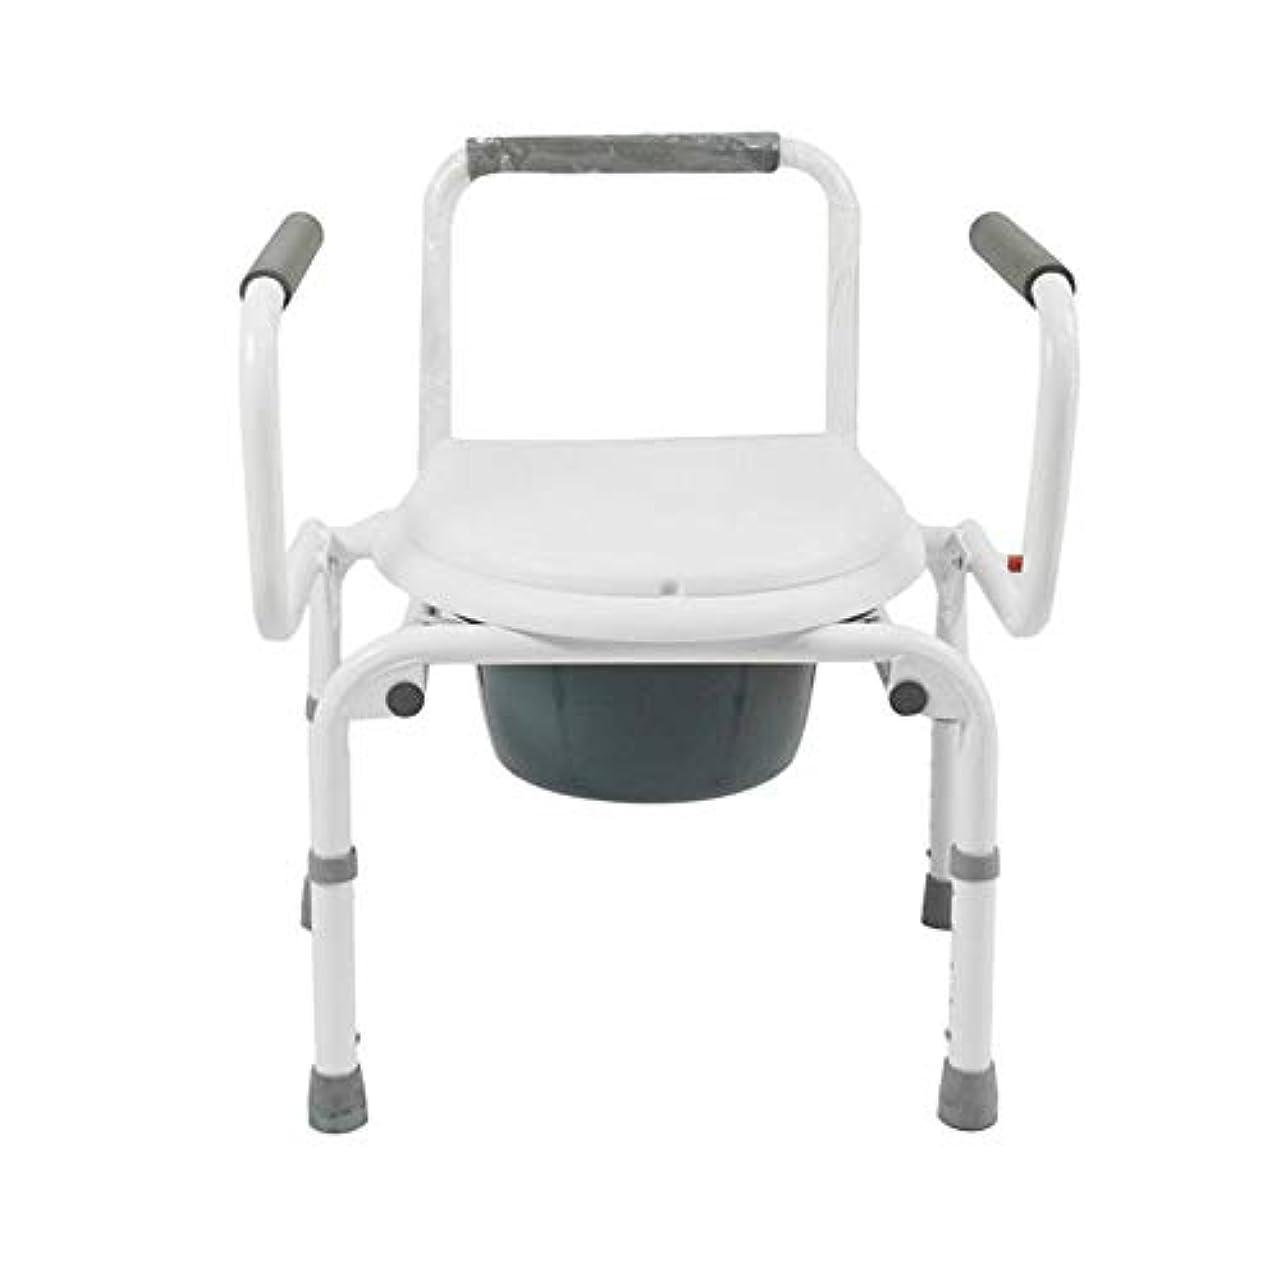 便器椅子折りたたみバケットモバイルトイレスツール上下調節アームレストホーム用ポータブルトイレシート